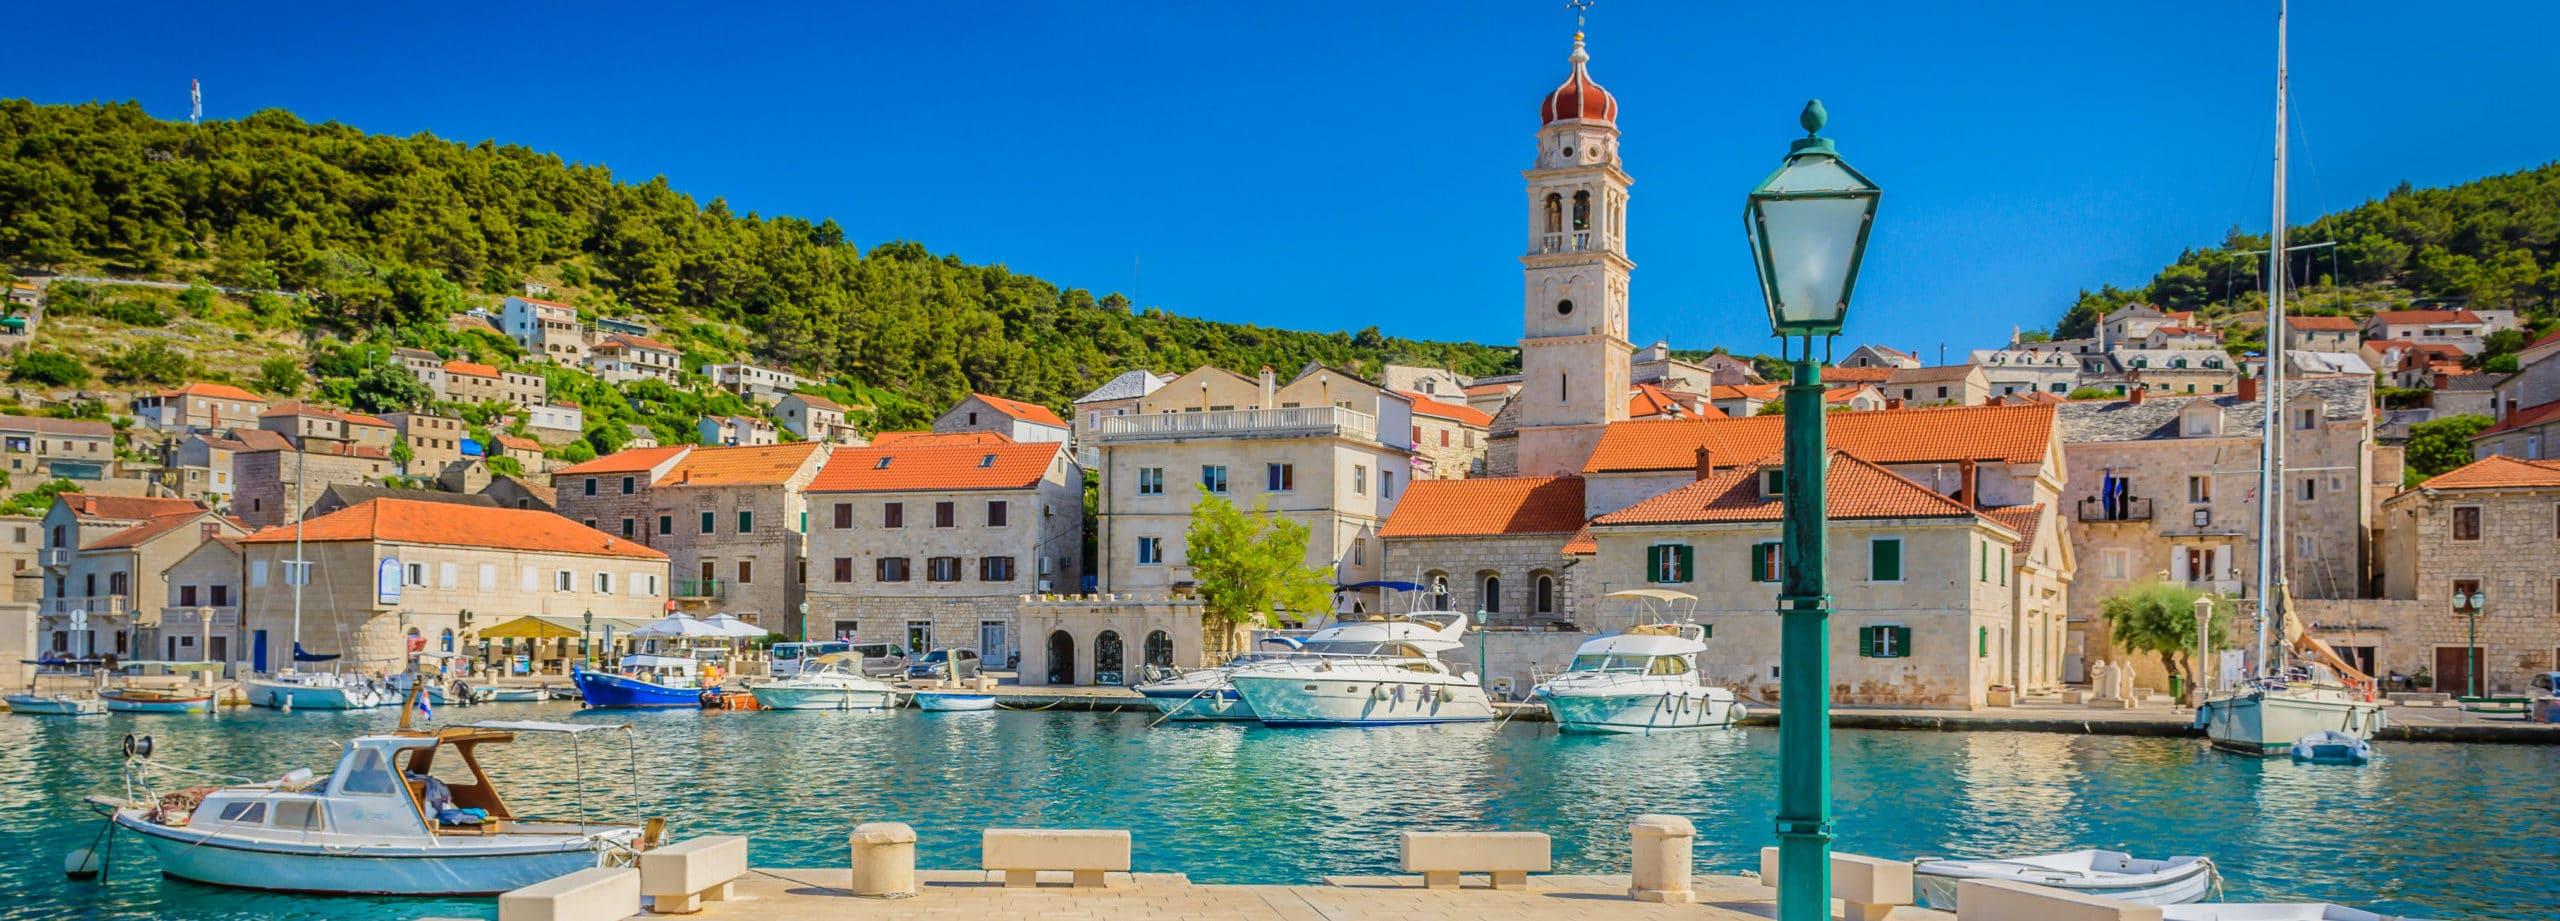 Welkom op Brac Kroatie